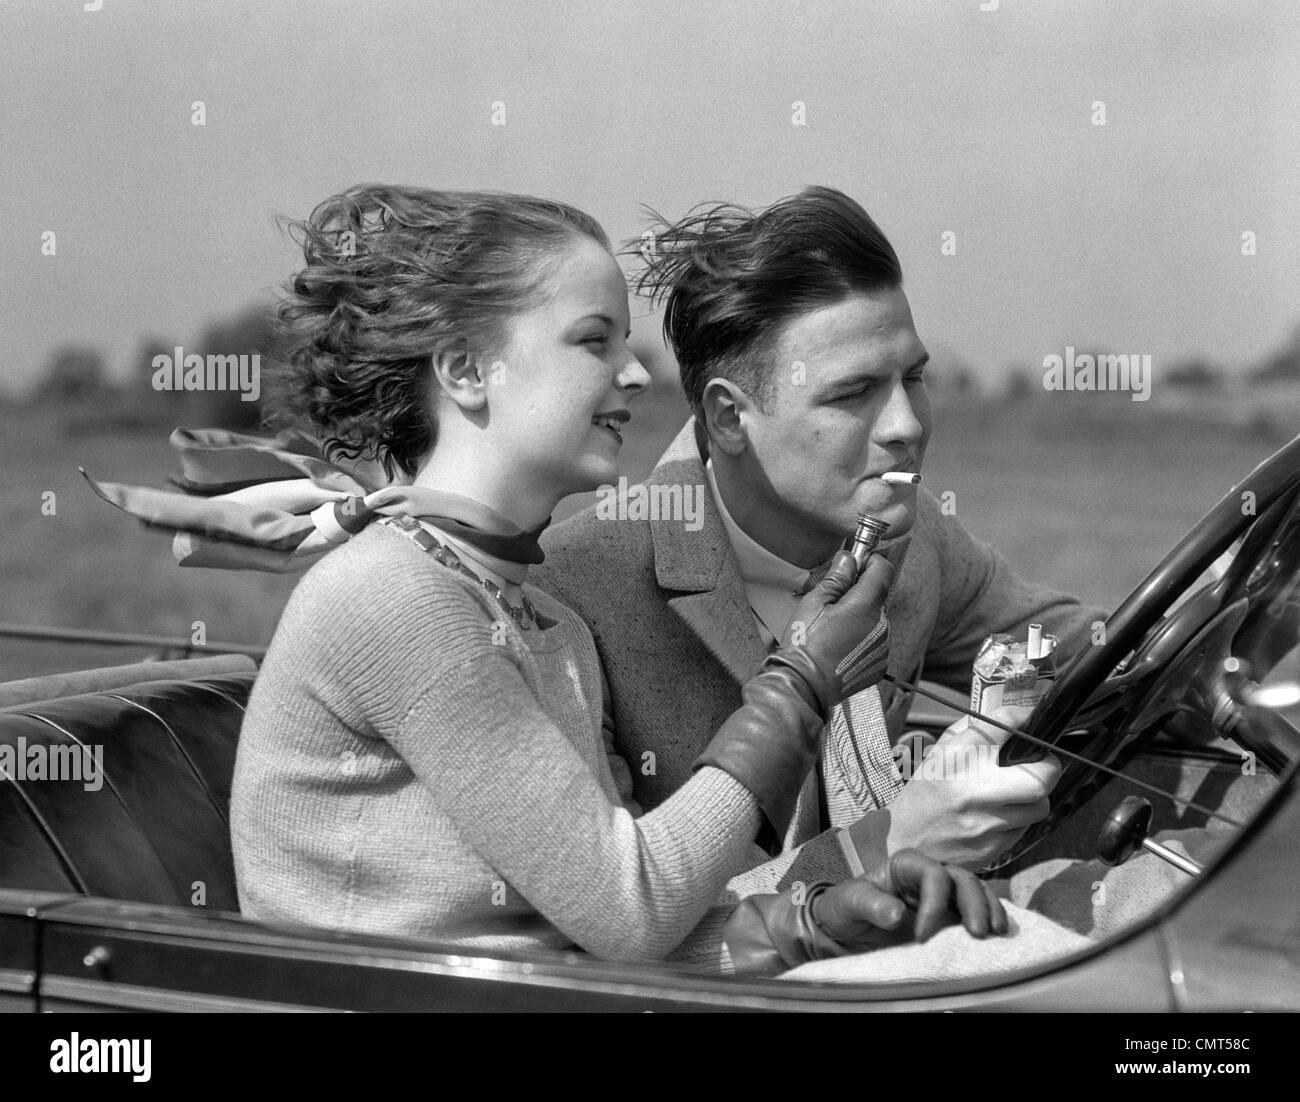 1930ER JAHRE MANN CABRIO AUTO FAHREN, WÄHREND FREUNDIN SEINE ZIGARETTE LEUCHTET Stockbild